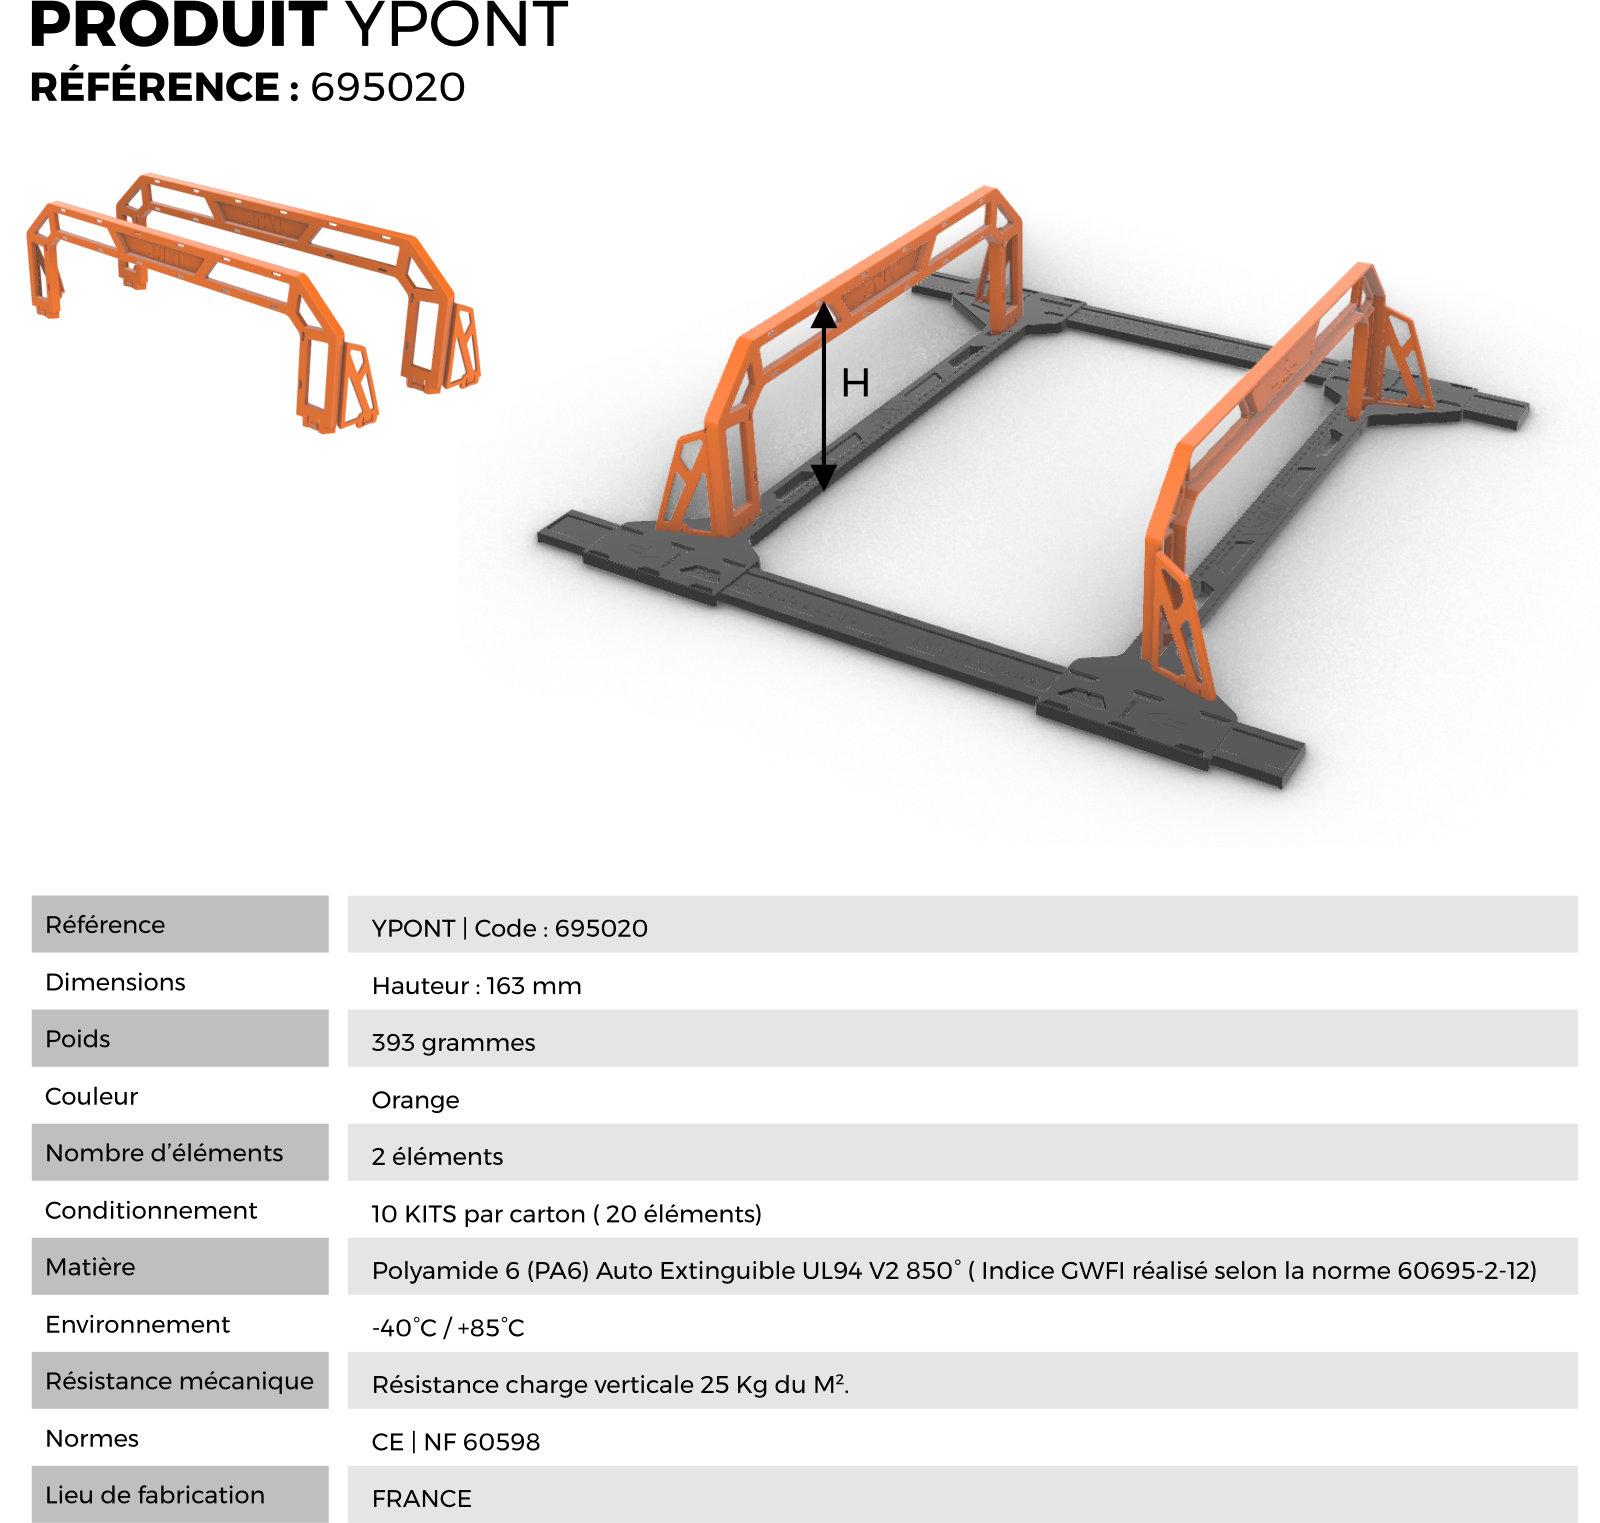 Données techniques du produit YLIS YPONT 695020